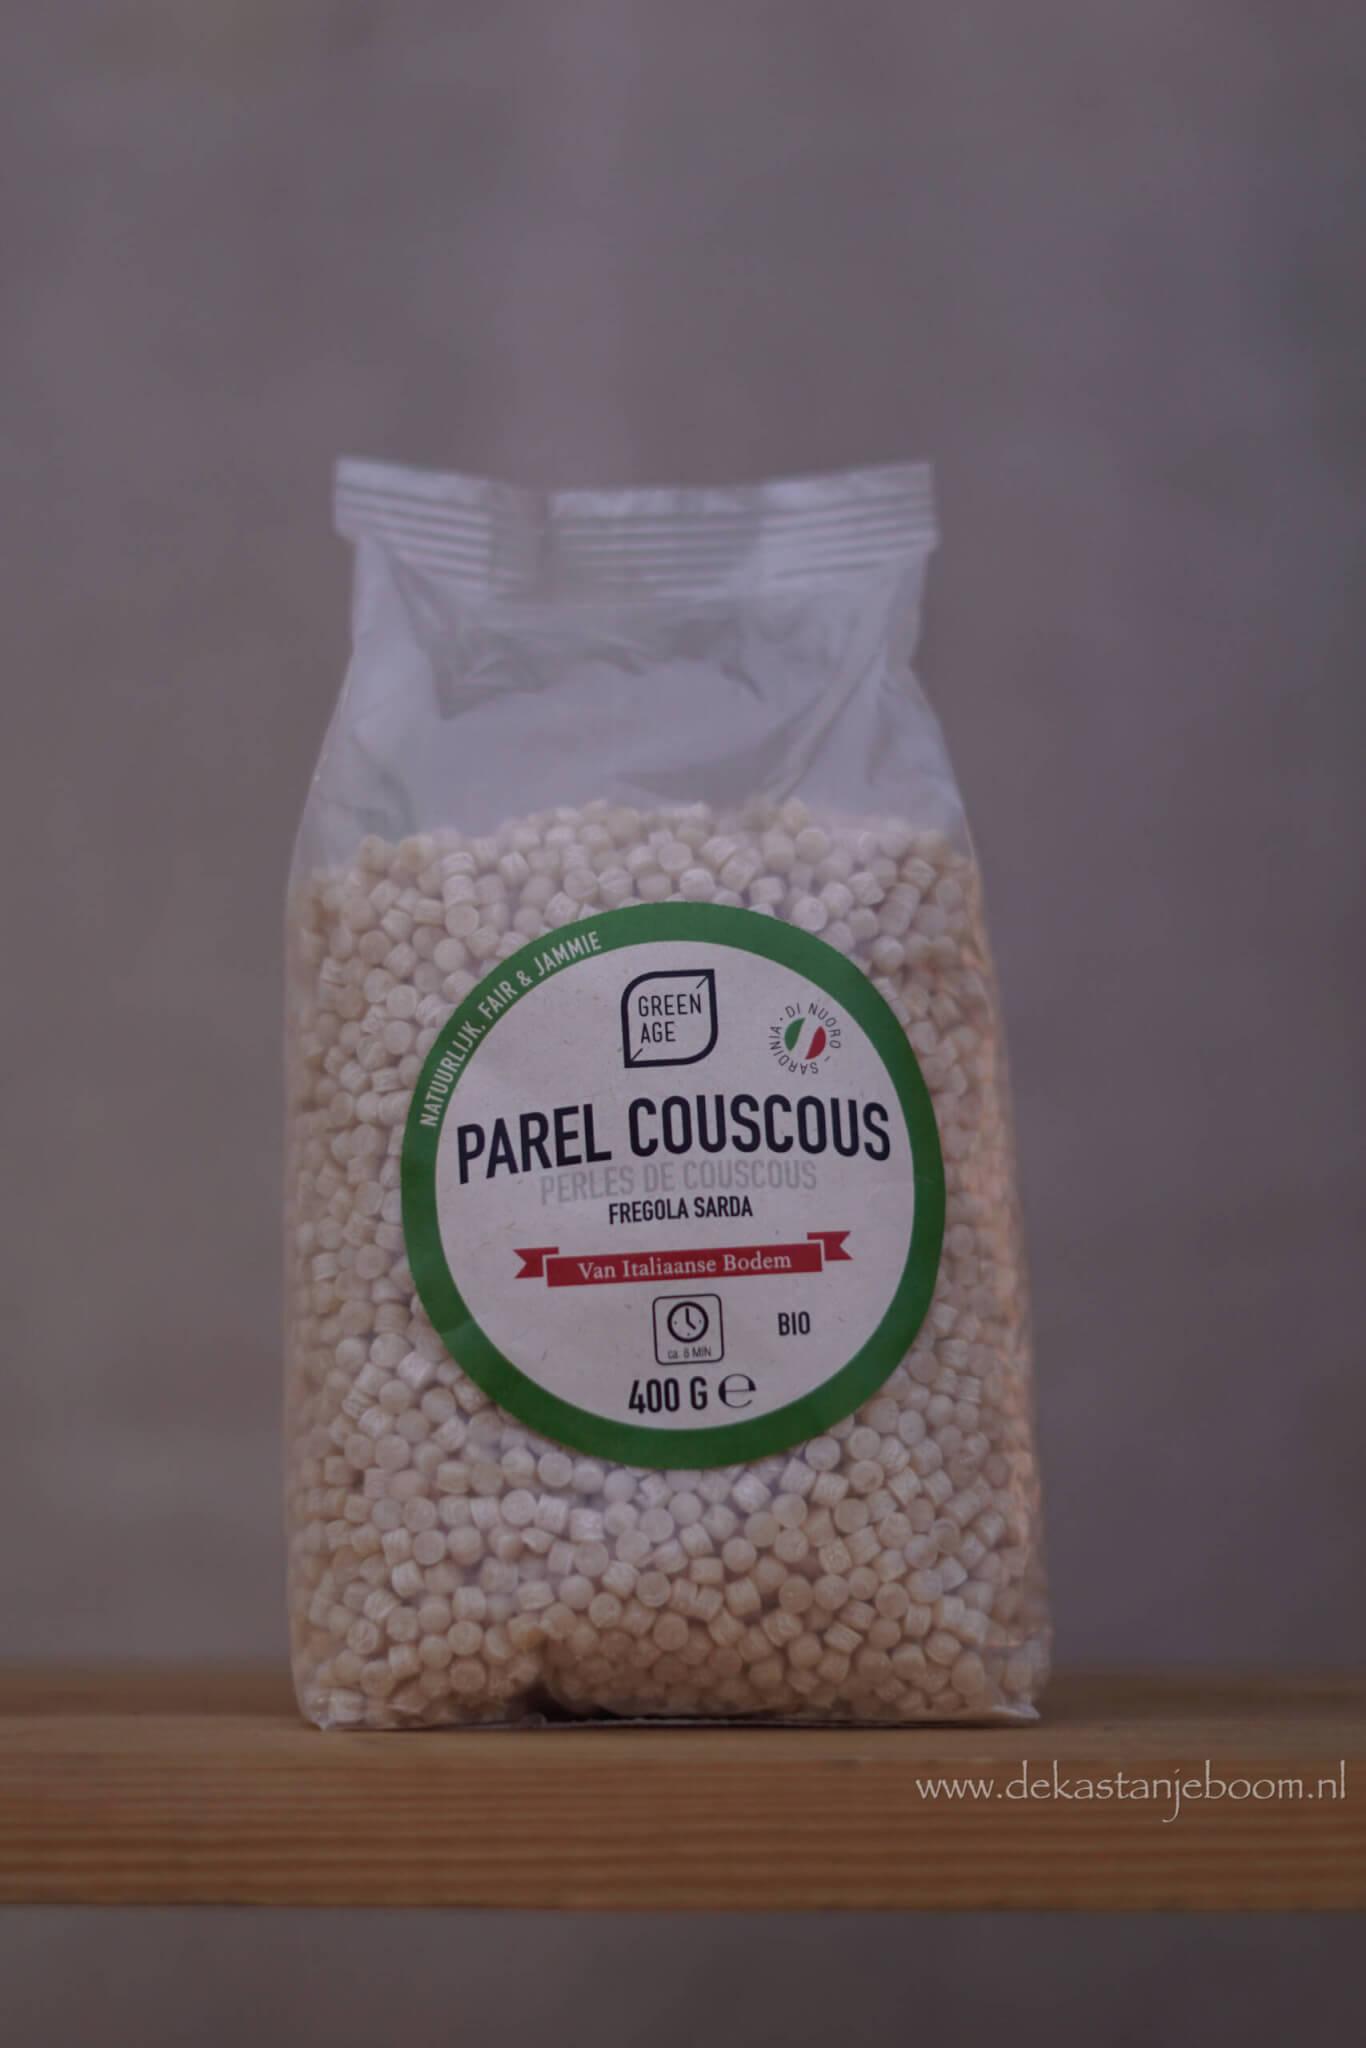 Parel couscous